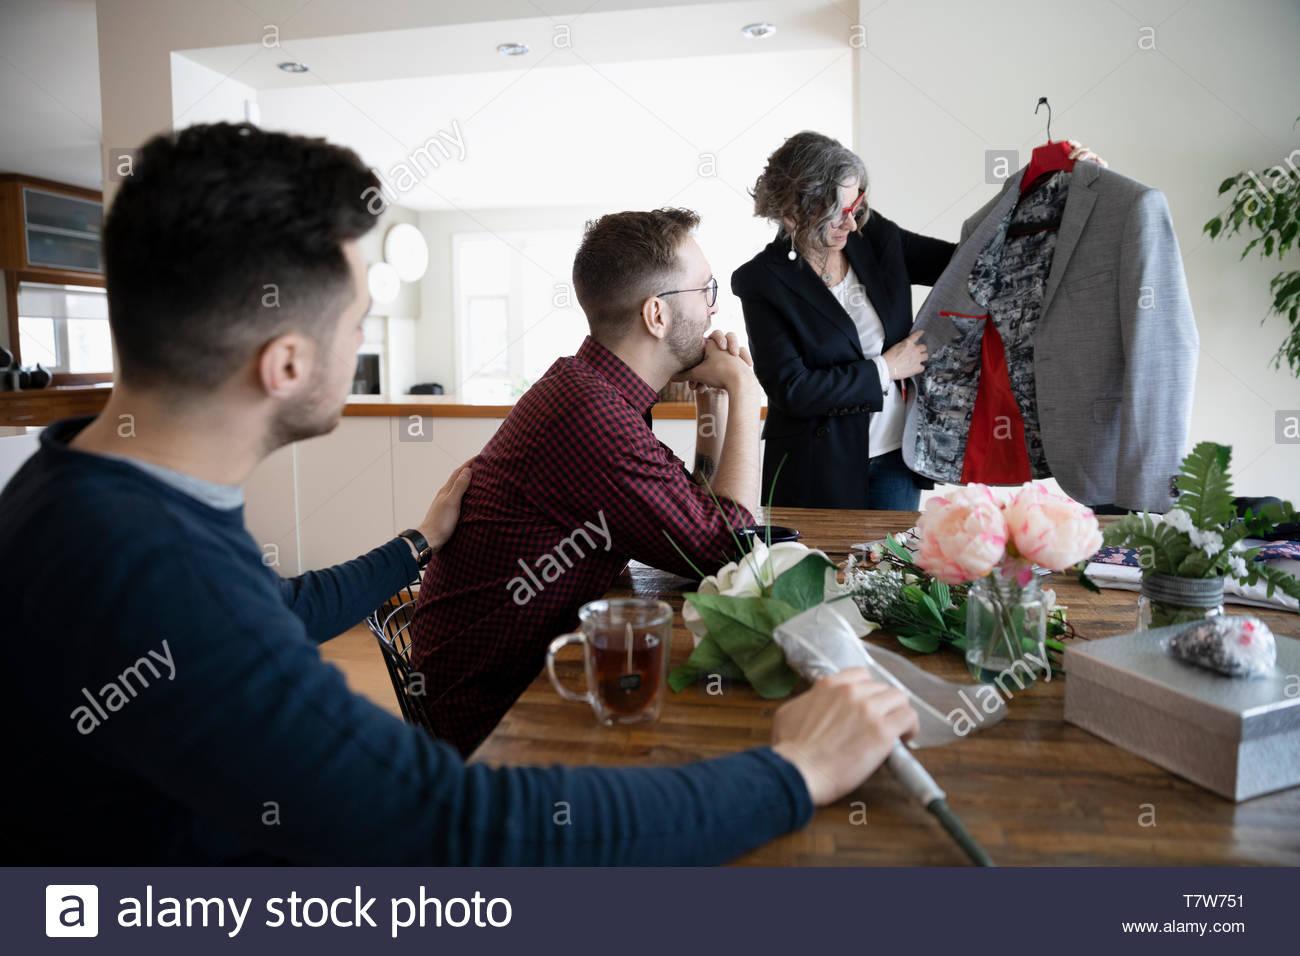 incontri gay nel tuo 30scarino incontri immagina